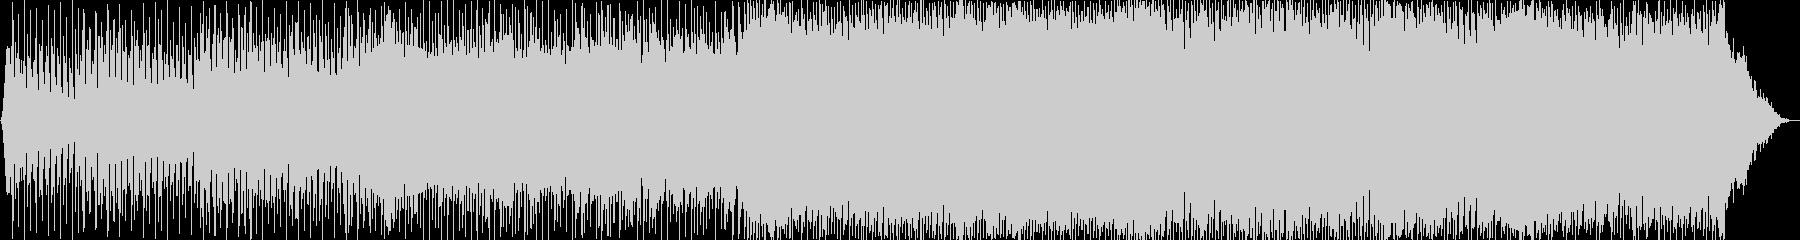 切なくメロウなノリノリのEDM曲の未再生の波形